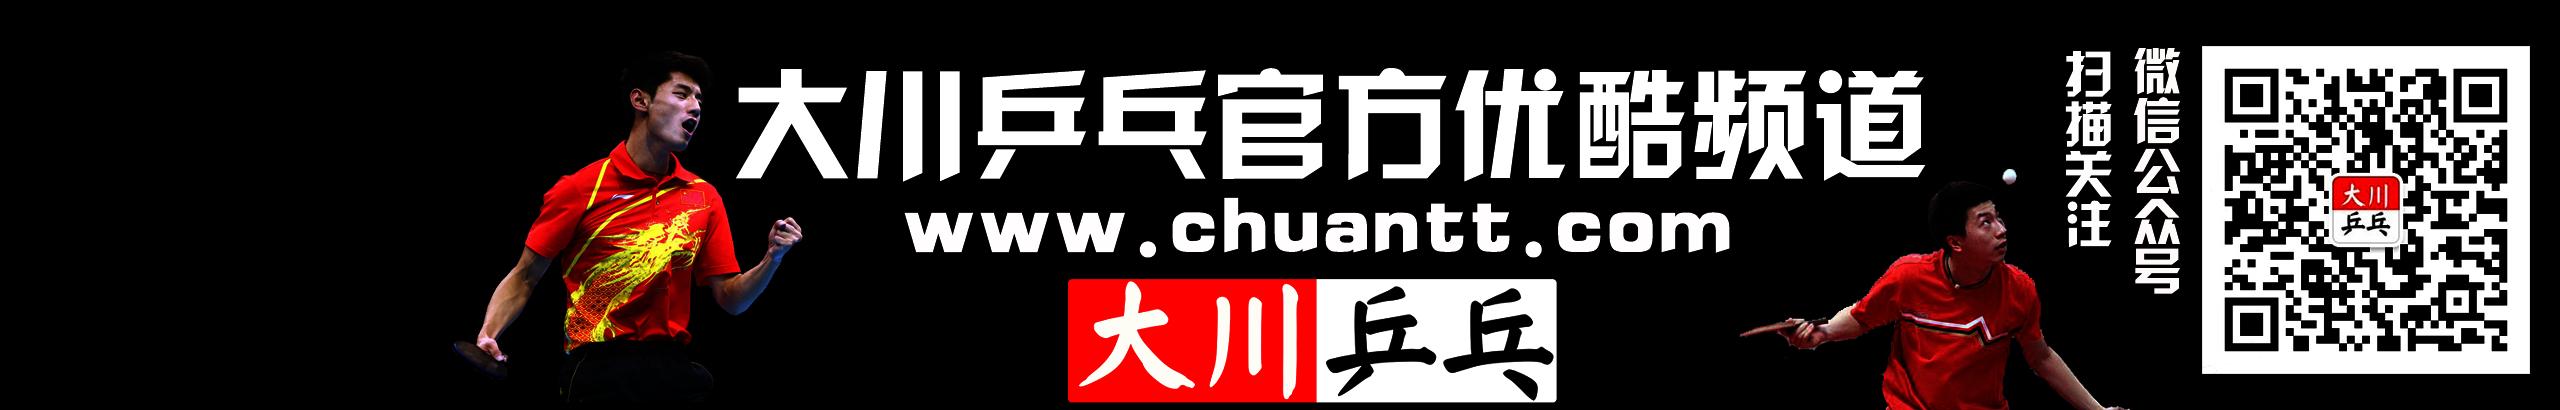 大川乒乓 banner